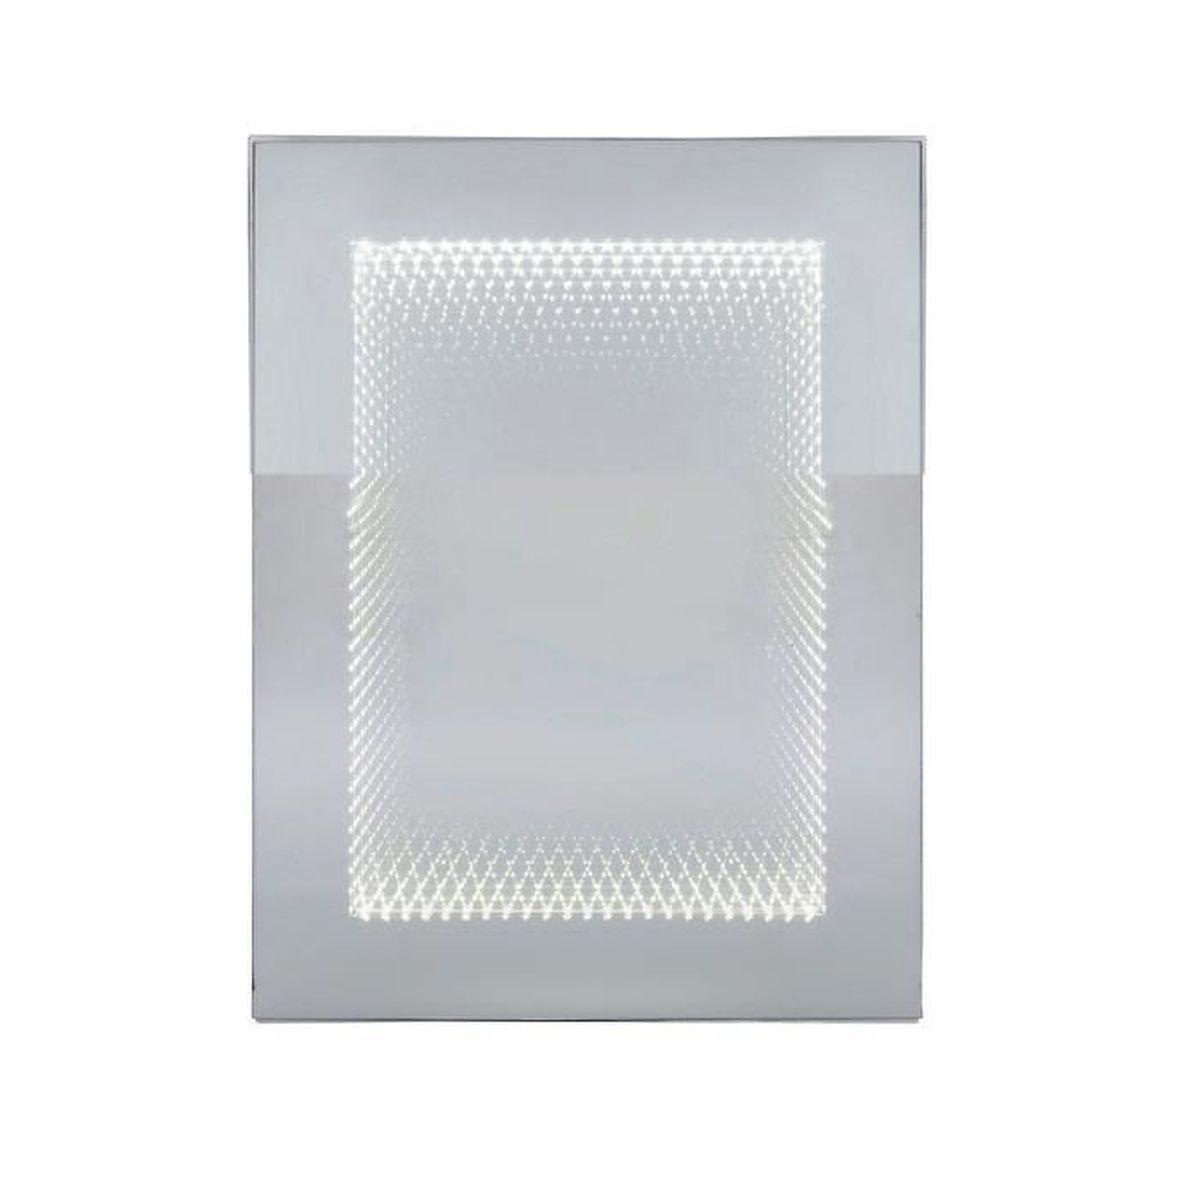 Miroir tube 80x60 cm led kare design achat vente for Vente miroir design